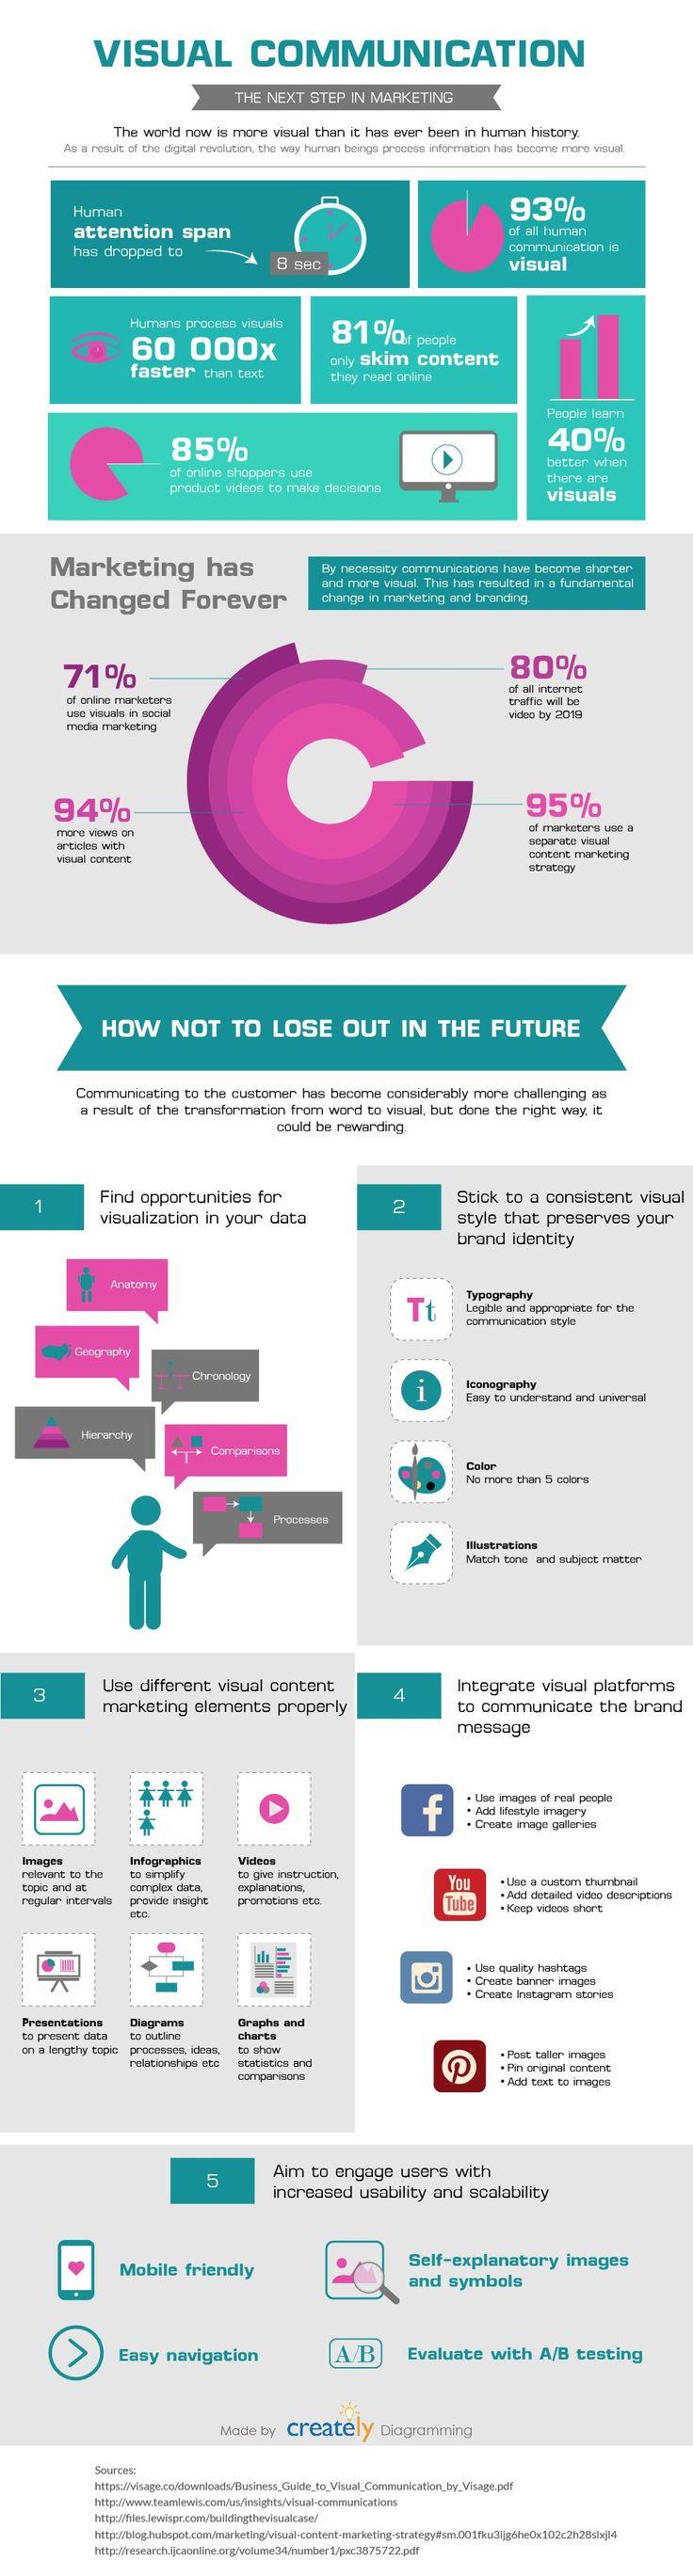 Comunicação Visual: O Próximo Passo em Marketing [Infográfico] | Mídias Sociais Hoje